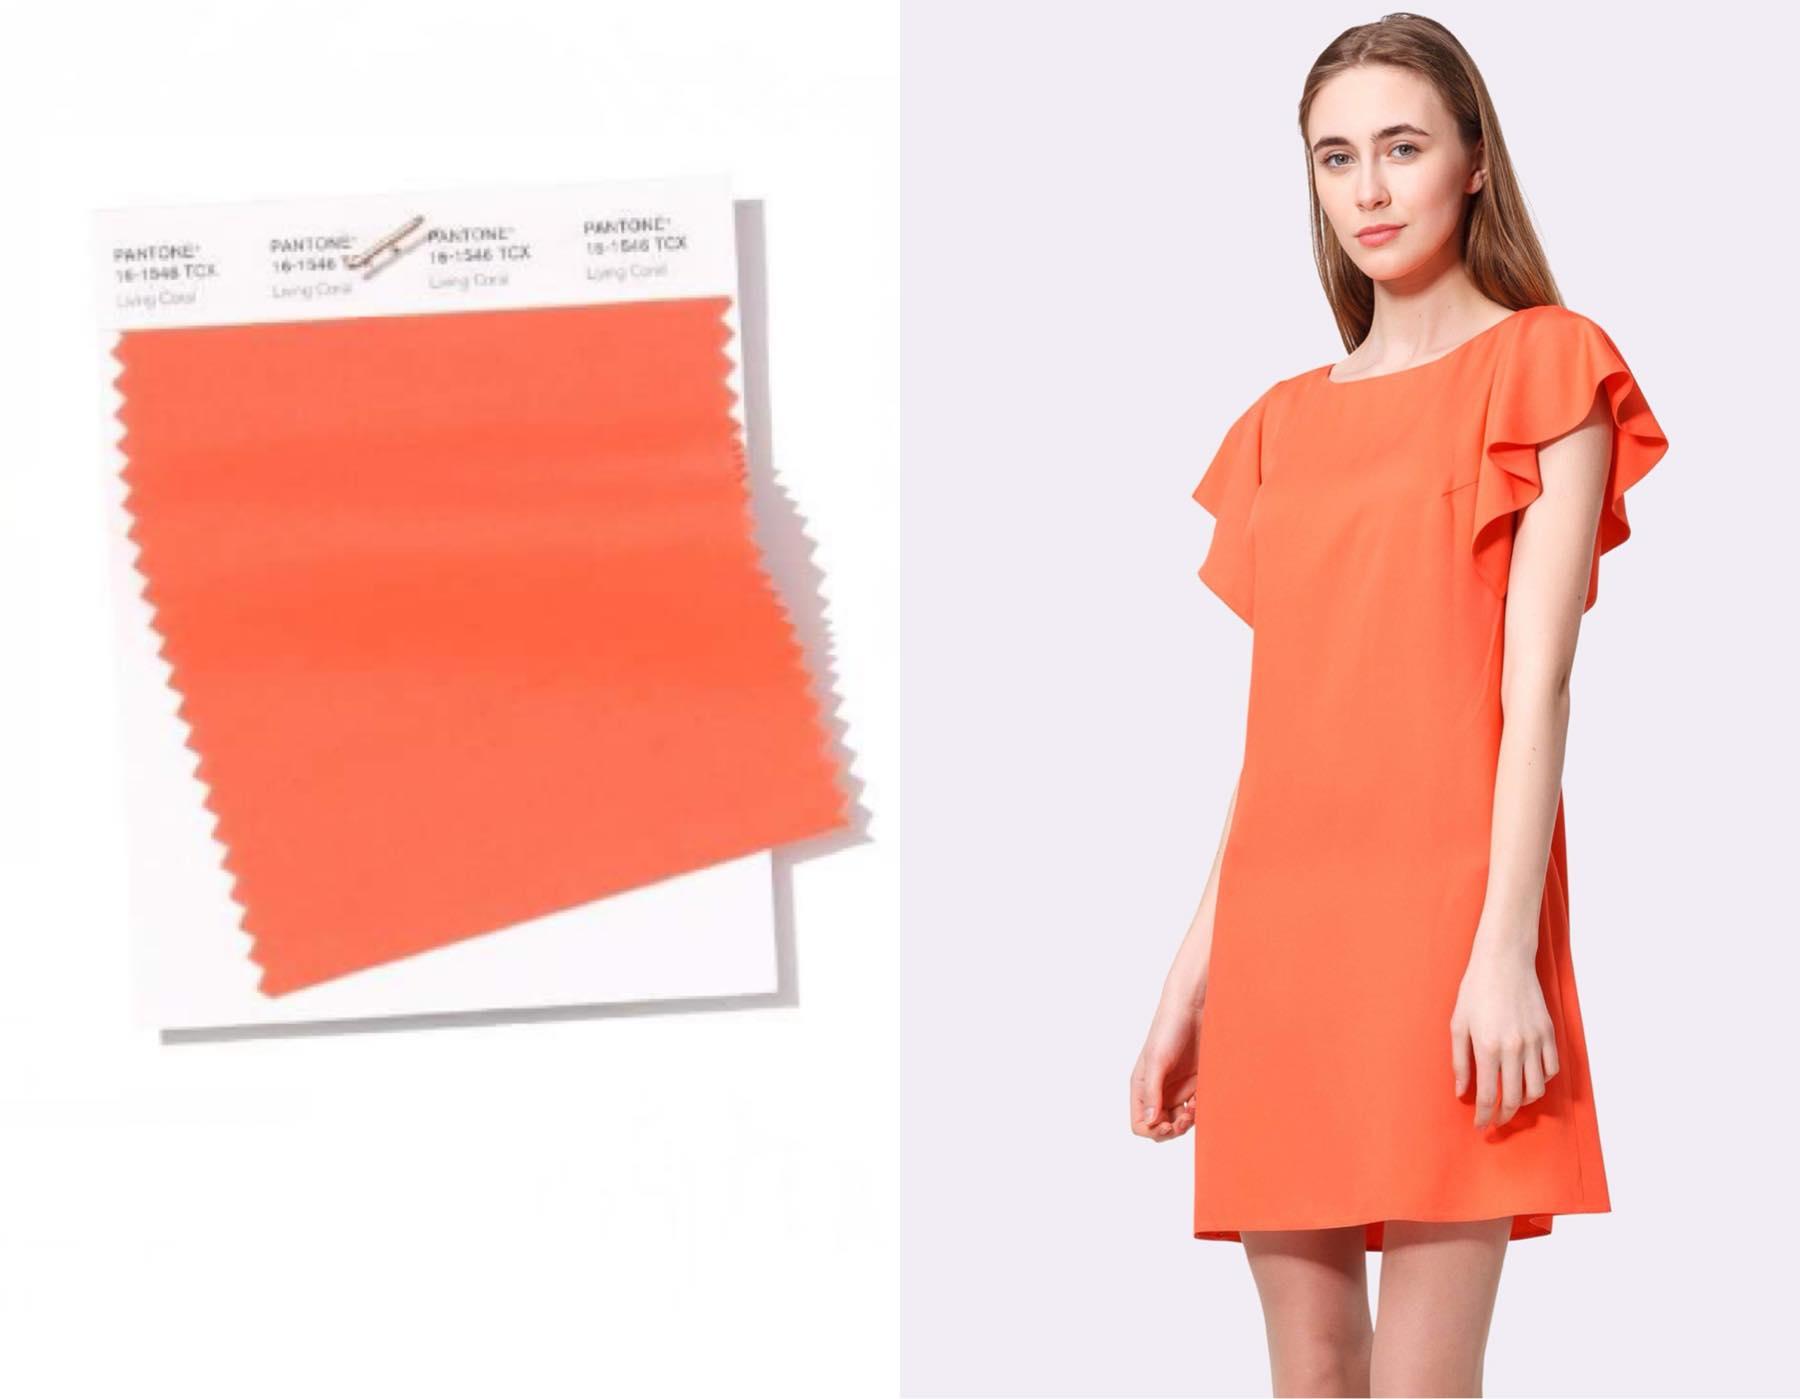 b26c465e6c0337 Фієста - це помаранчевий з червоним колір в стилі Латинської Америки, який  повністю виправдовує назву. Придивившись в цей тон, можна відчути  пристрасть, ...